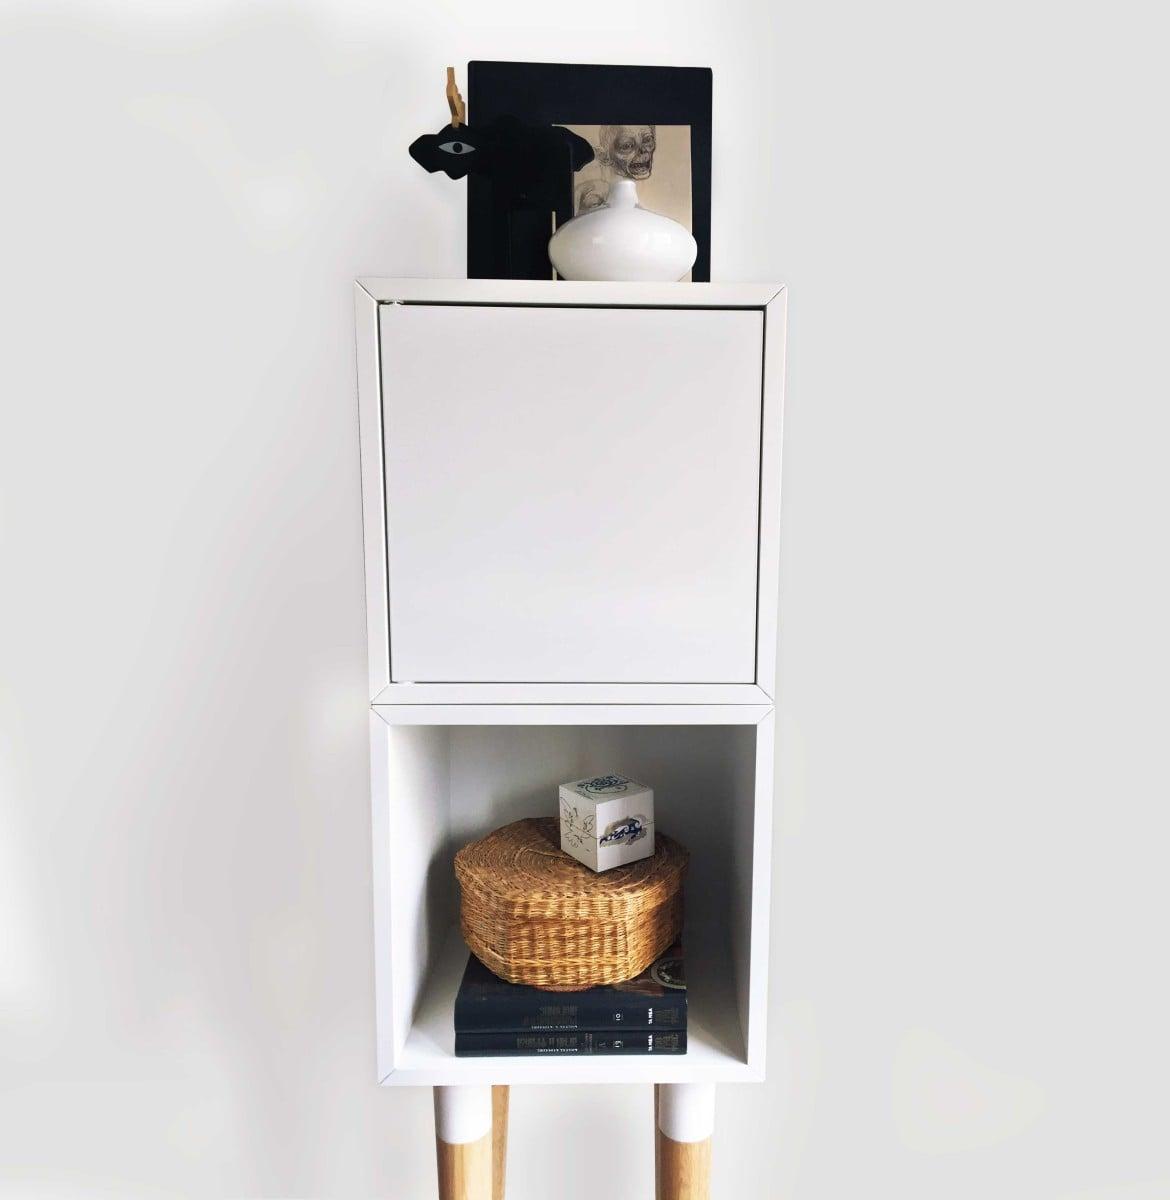 ikea variera shelf hole fillers. Black Bedroom Furniture Sets. Home Design Ideas